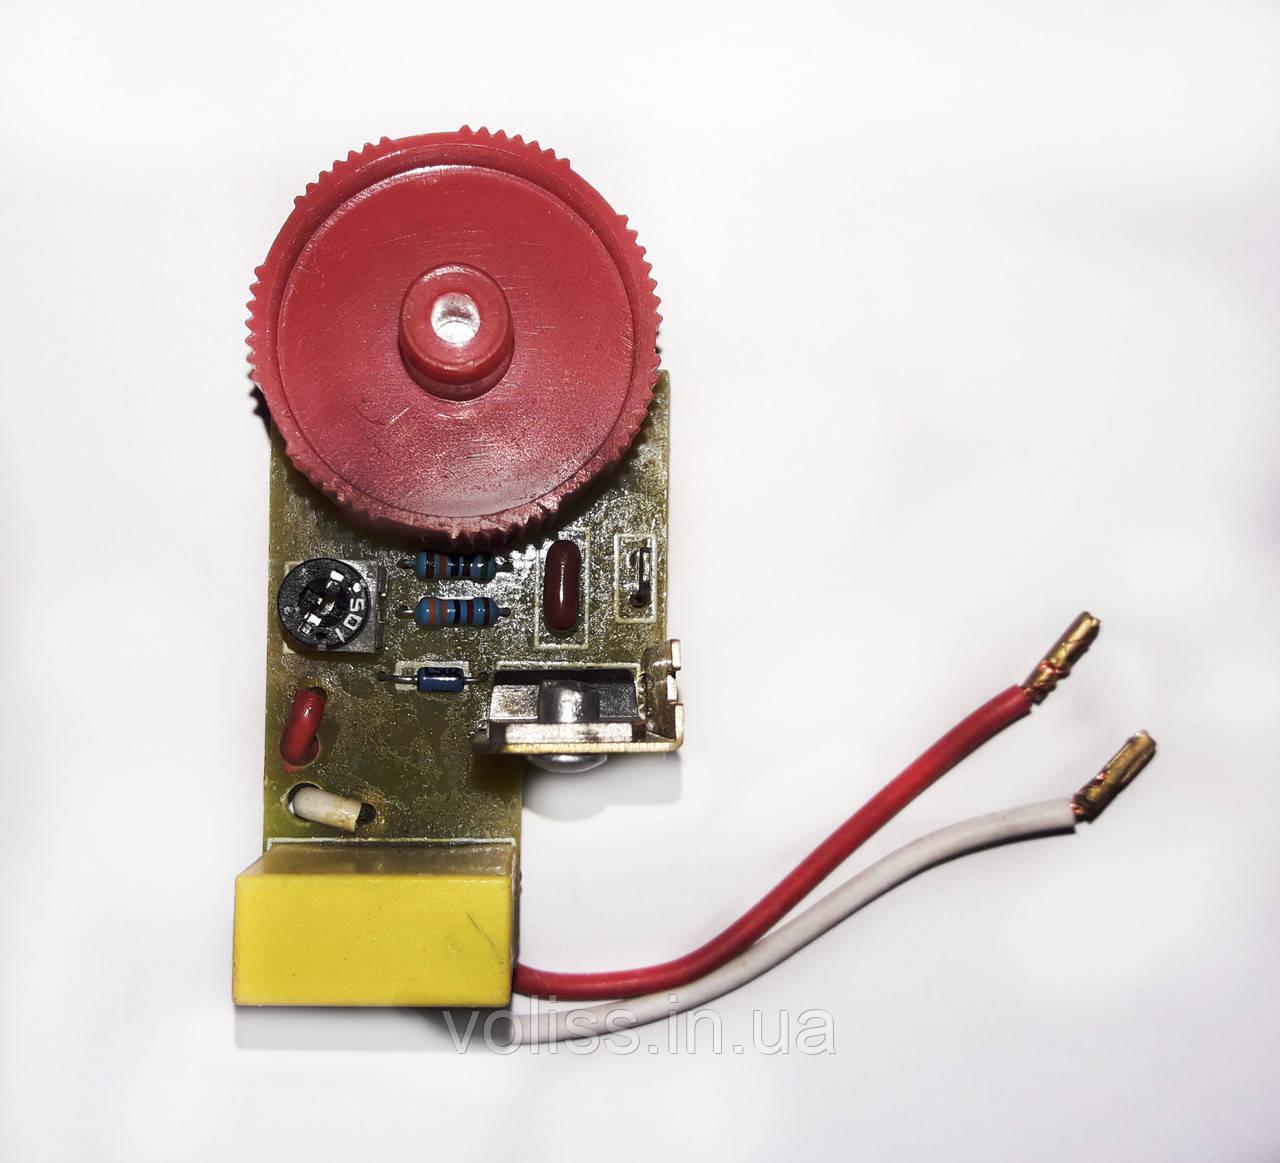 Регулятор на лобзик Зенит ЗПЛ-1050М